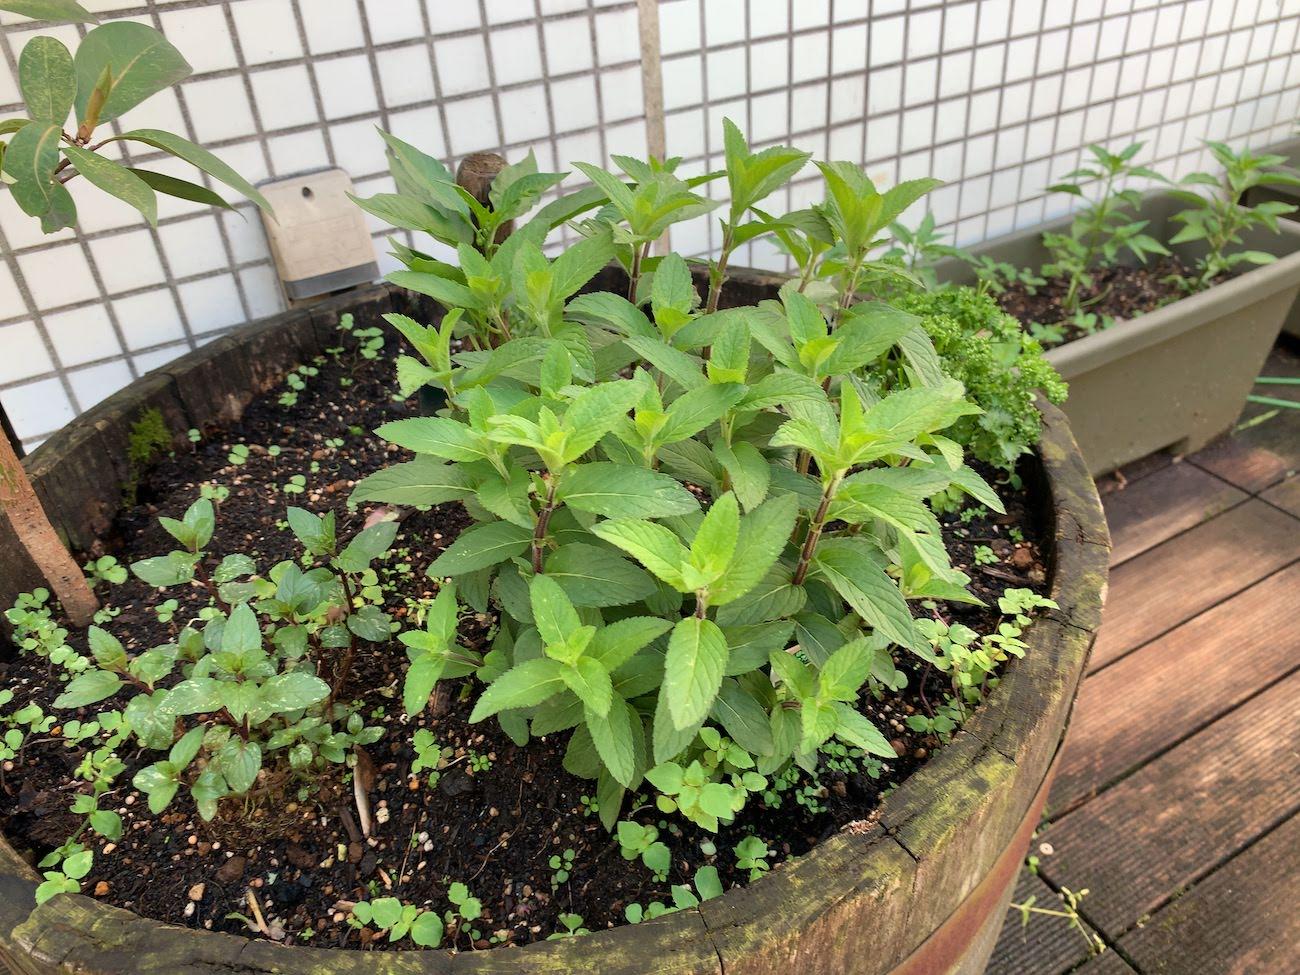 雷の後植物は育つ